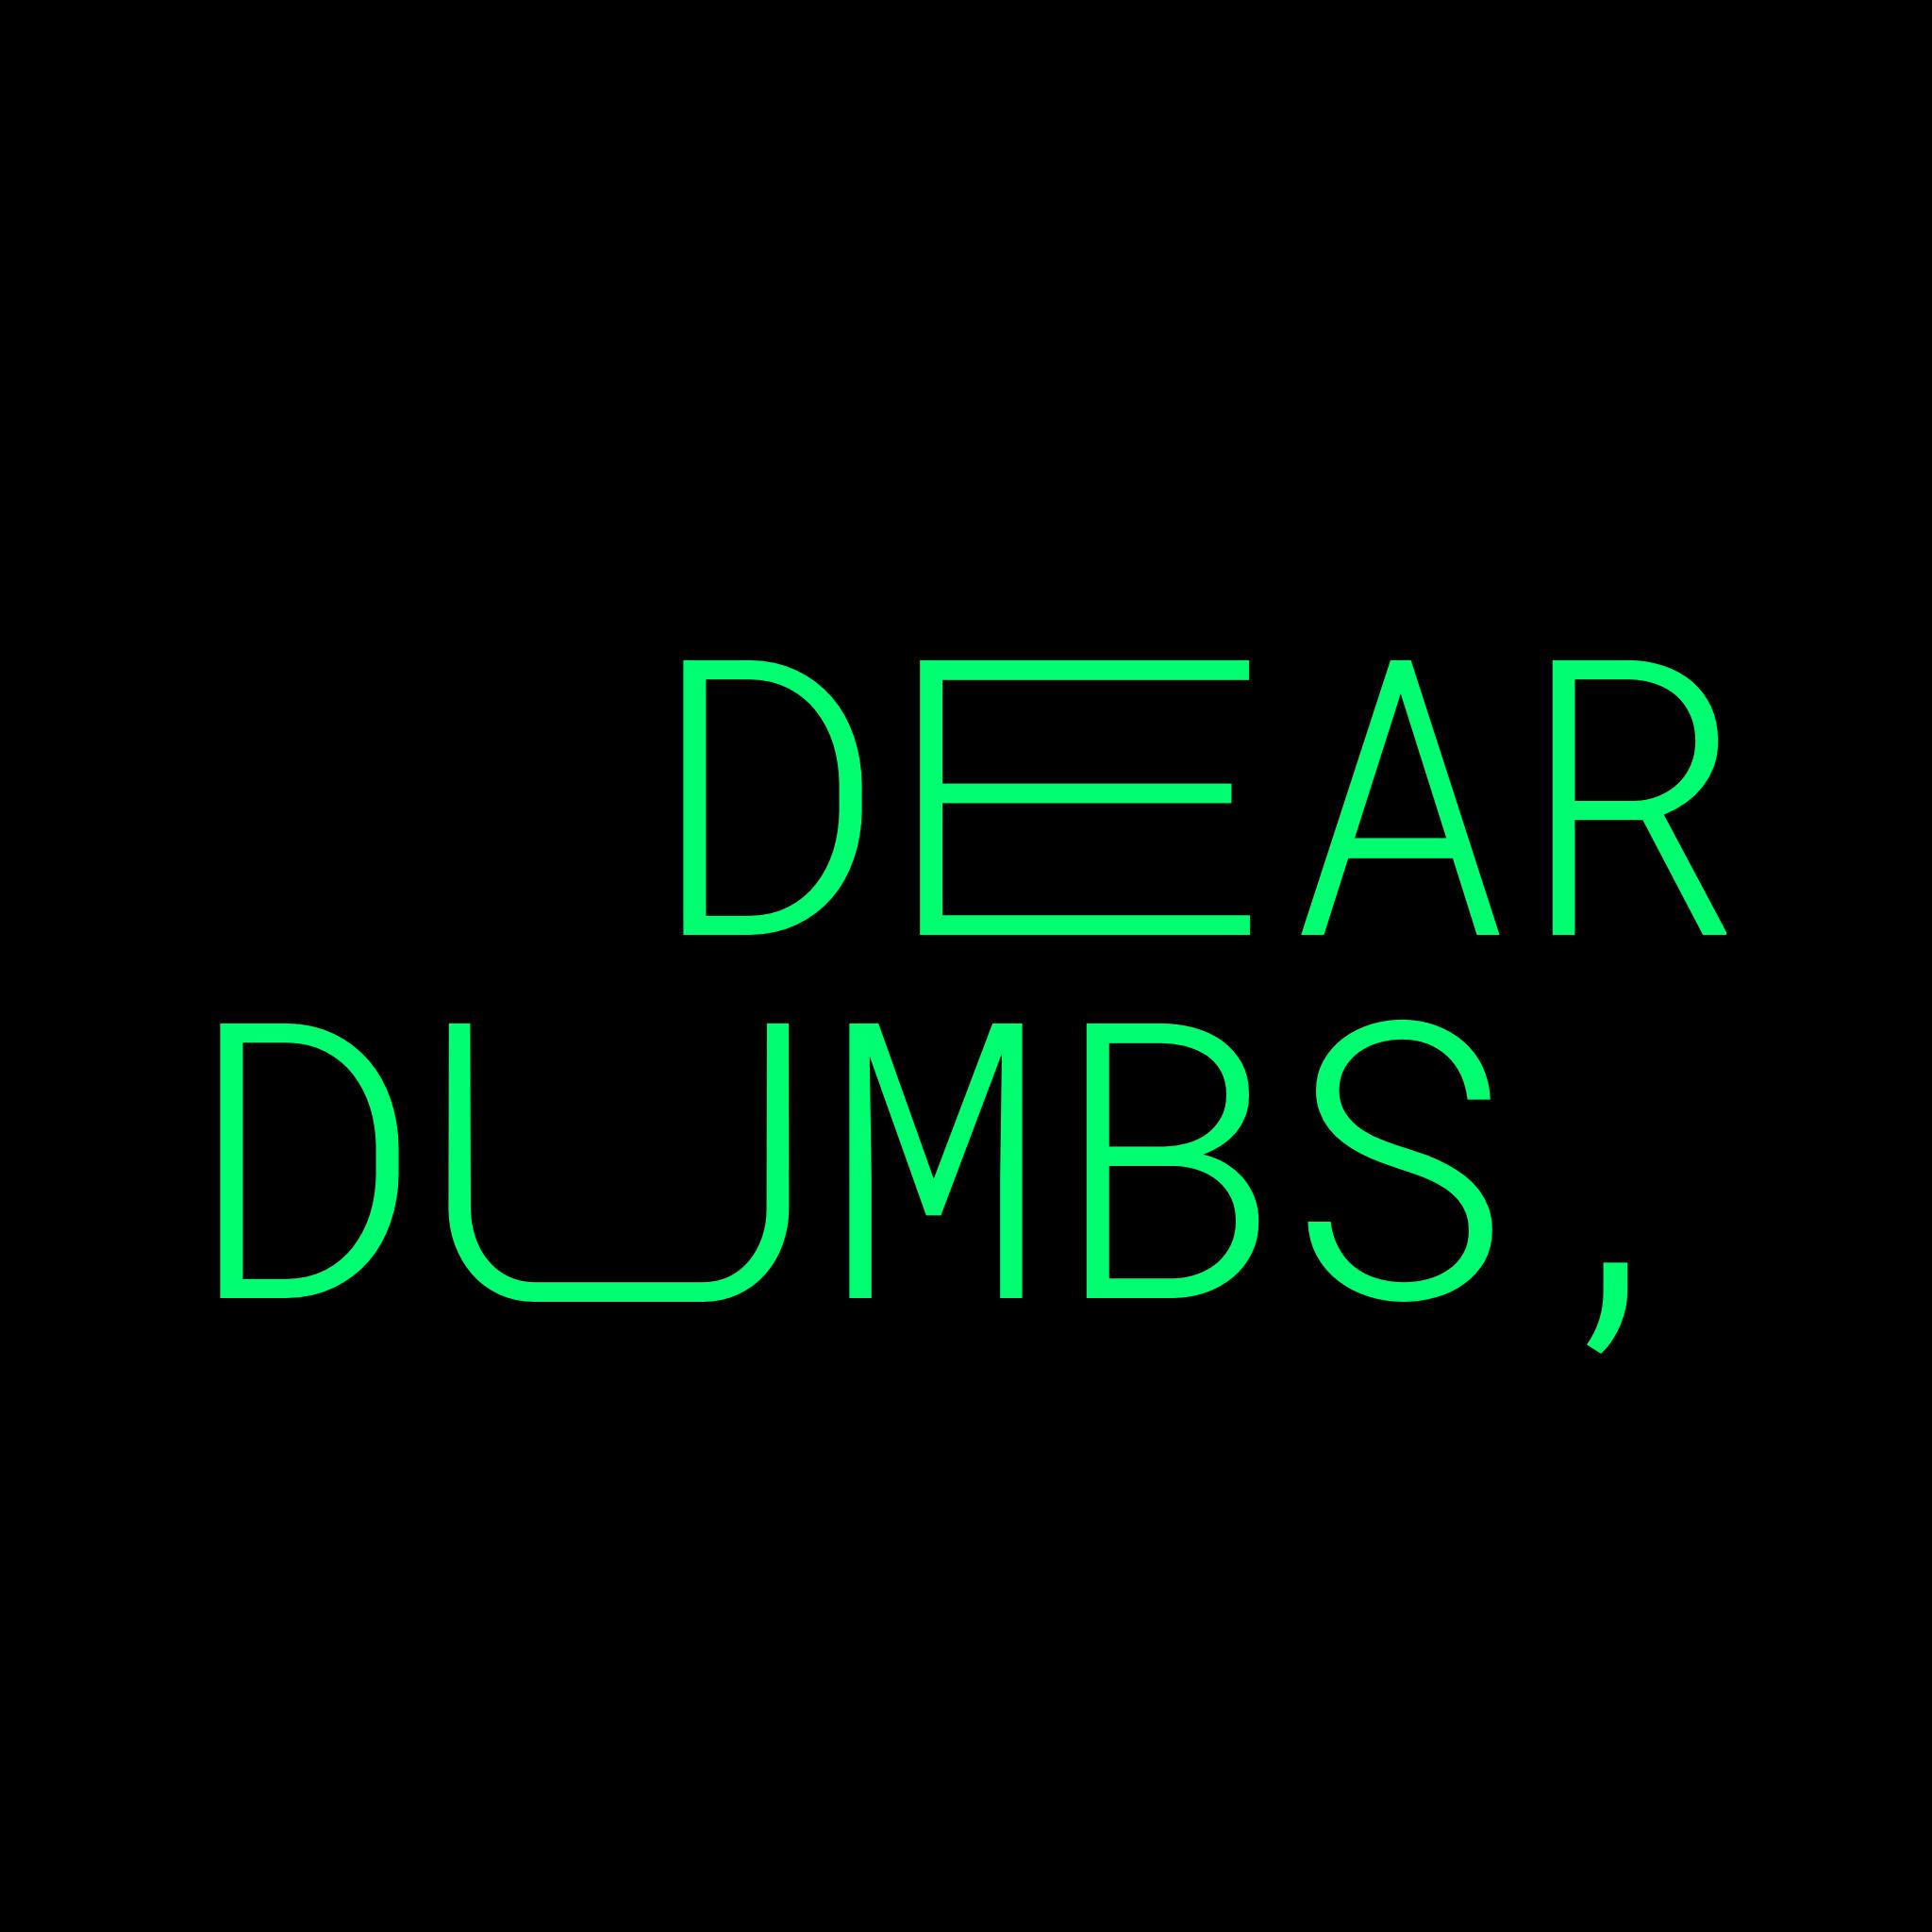 #1 DEAR DUMBS,